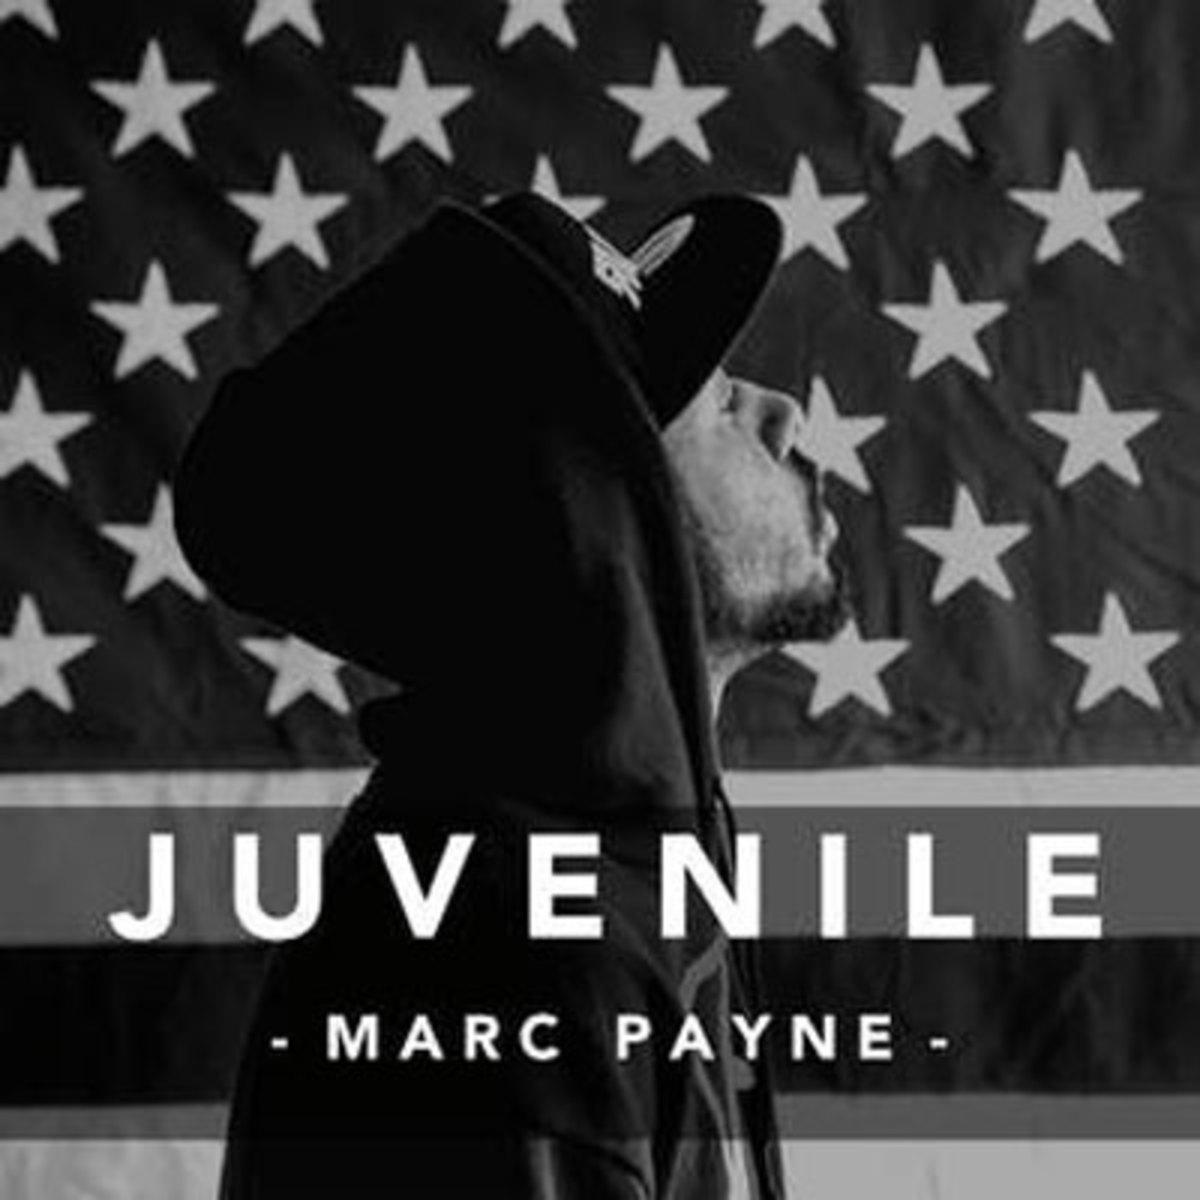 marcpayne-juvenile.jpg